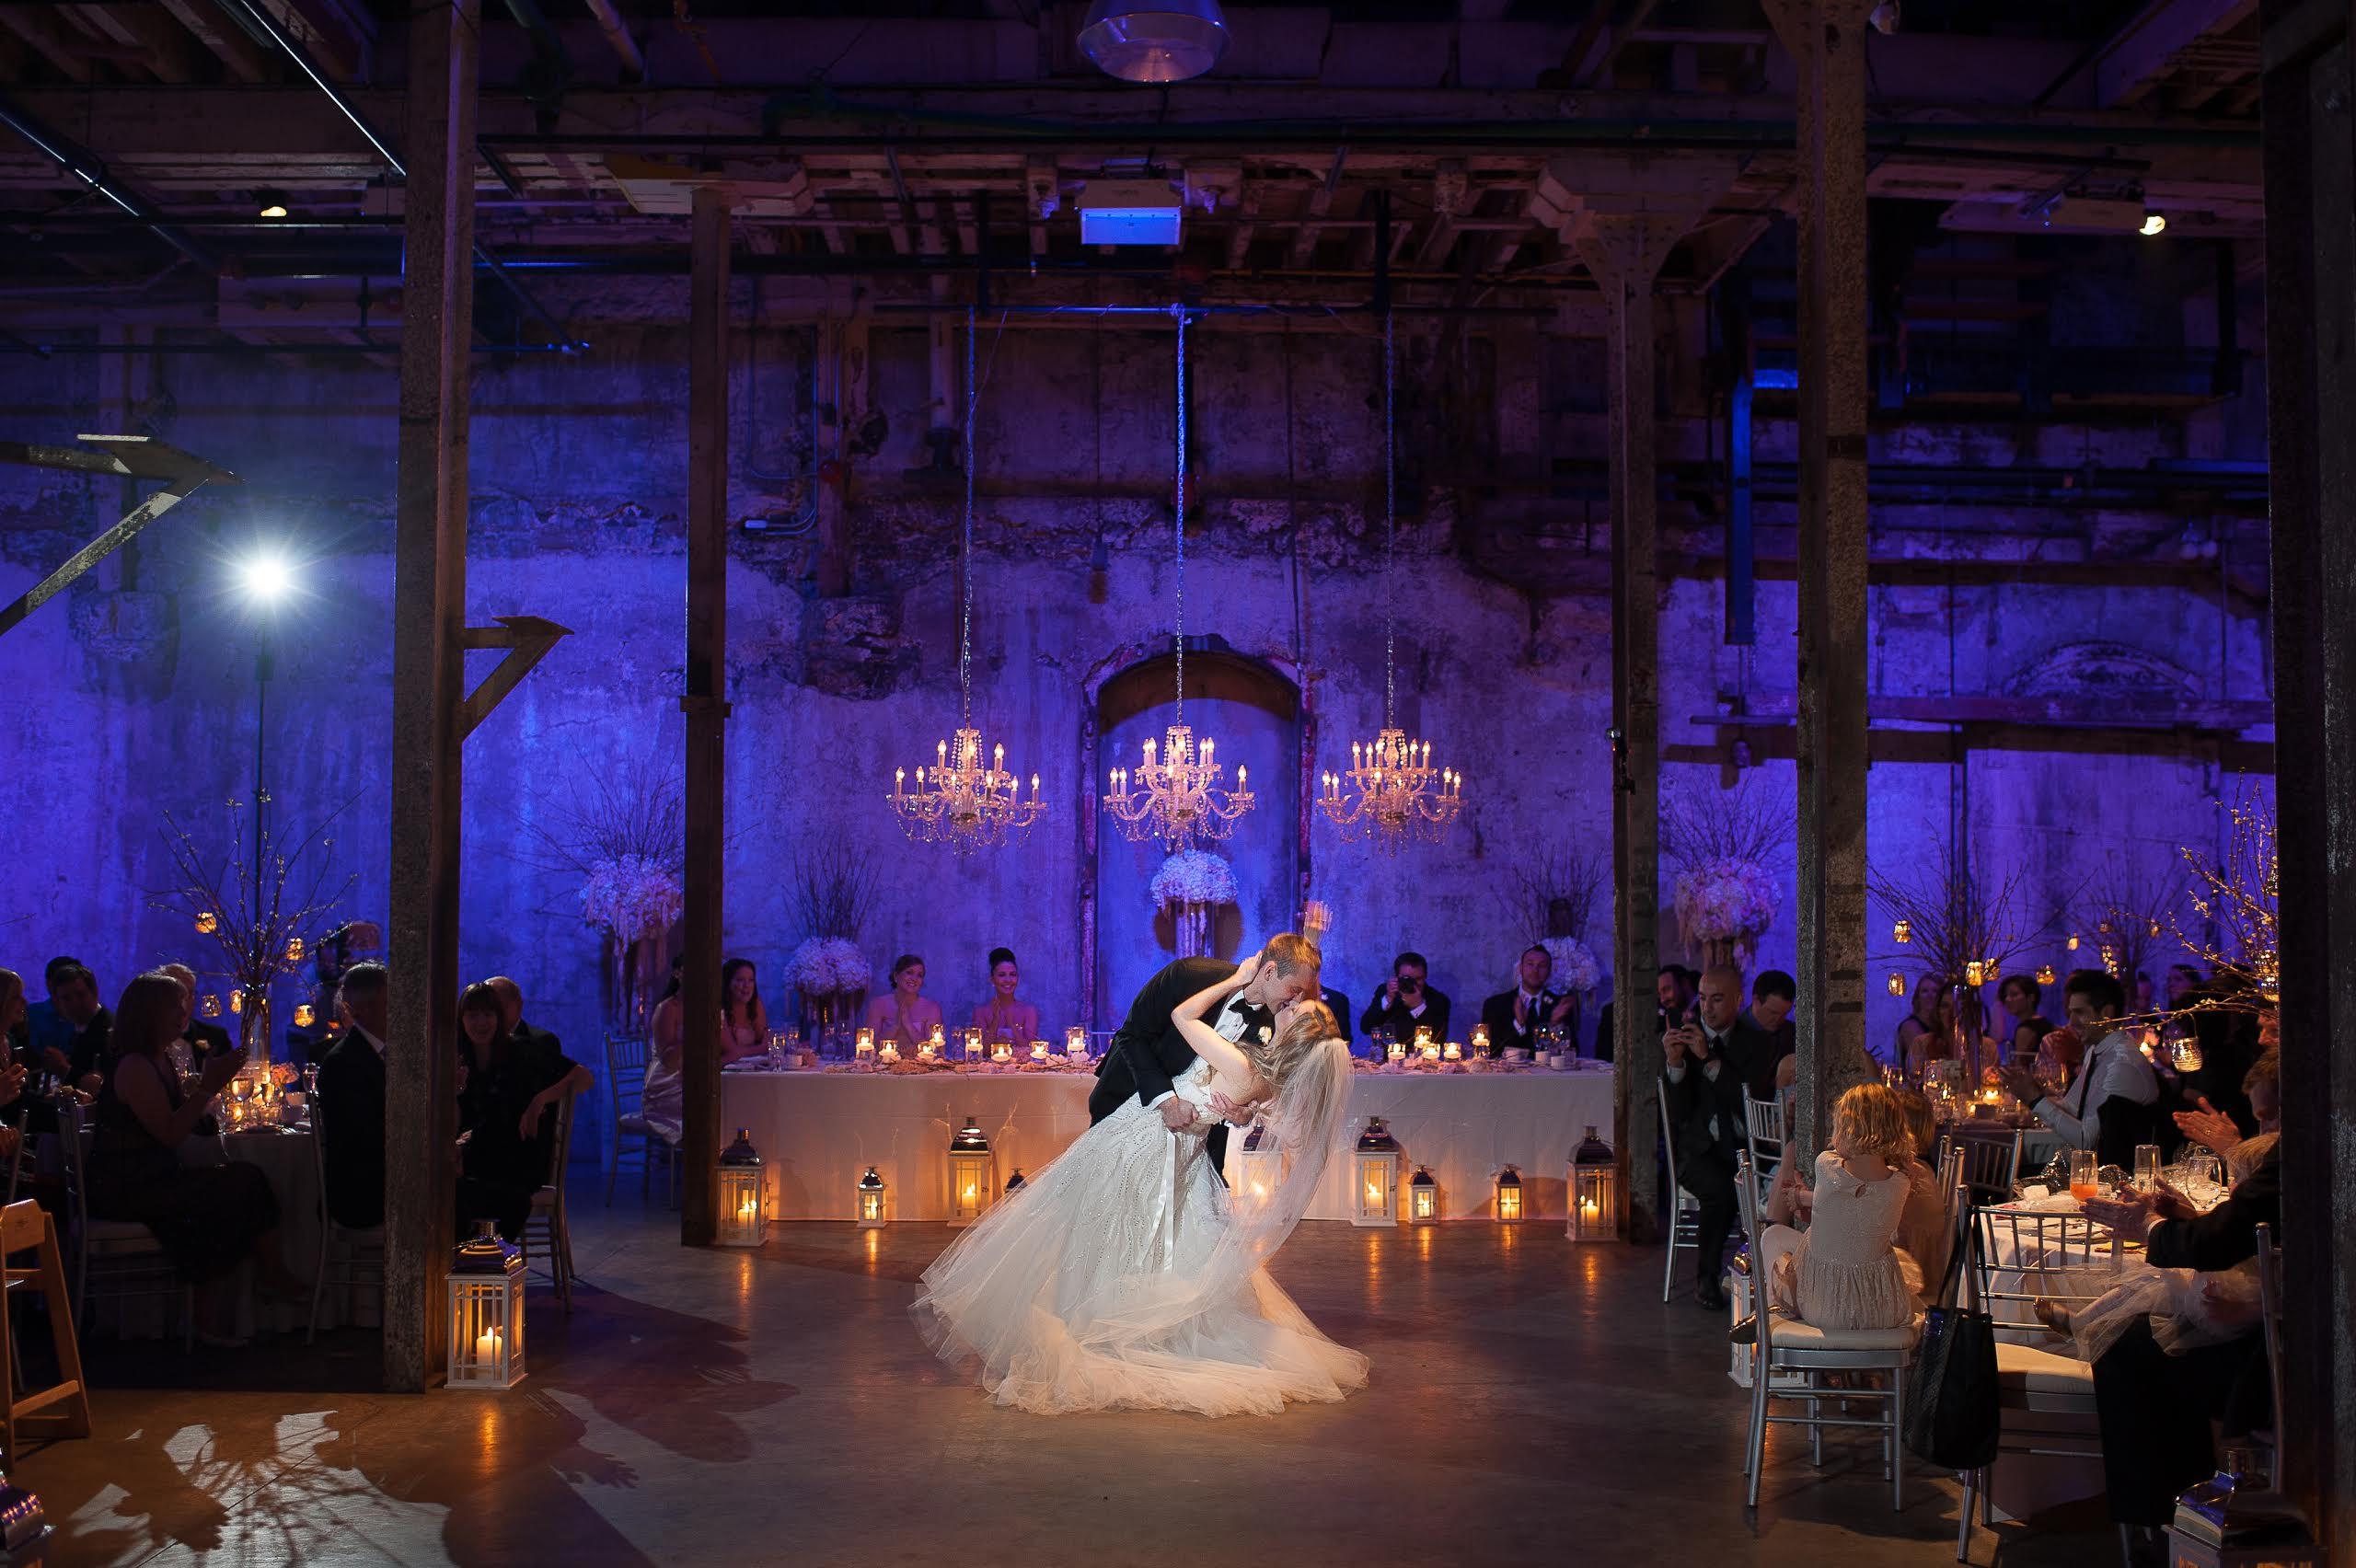 trang trí tiệc cưới với nến treo